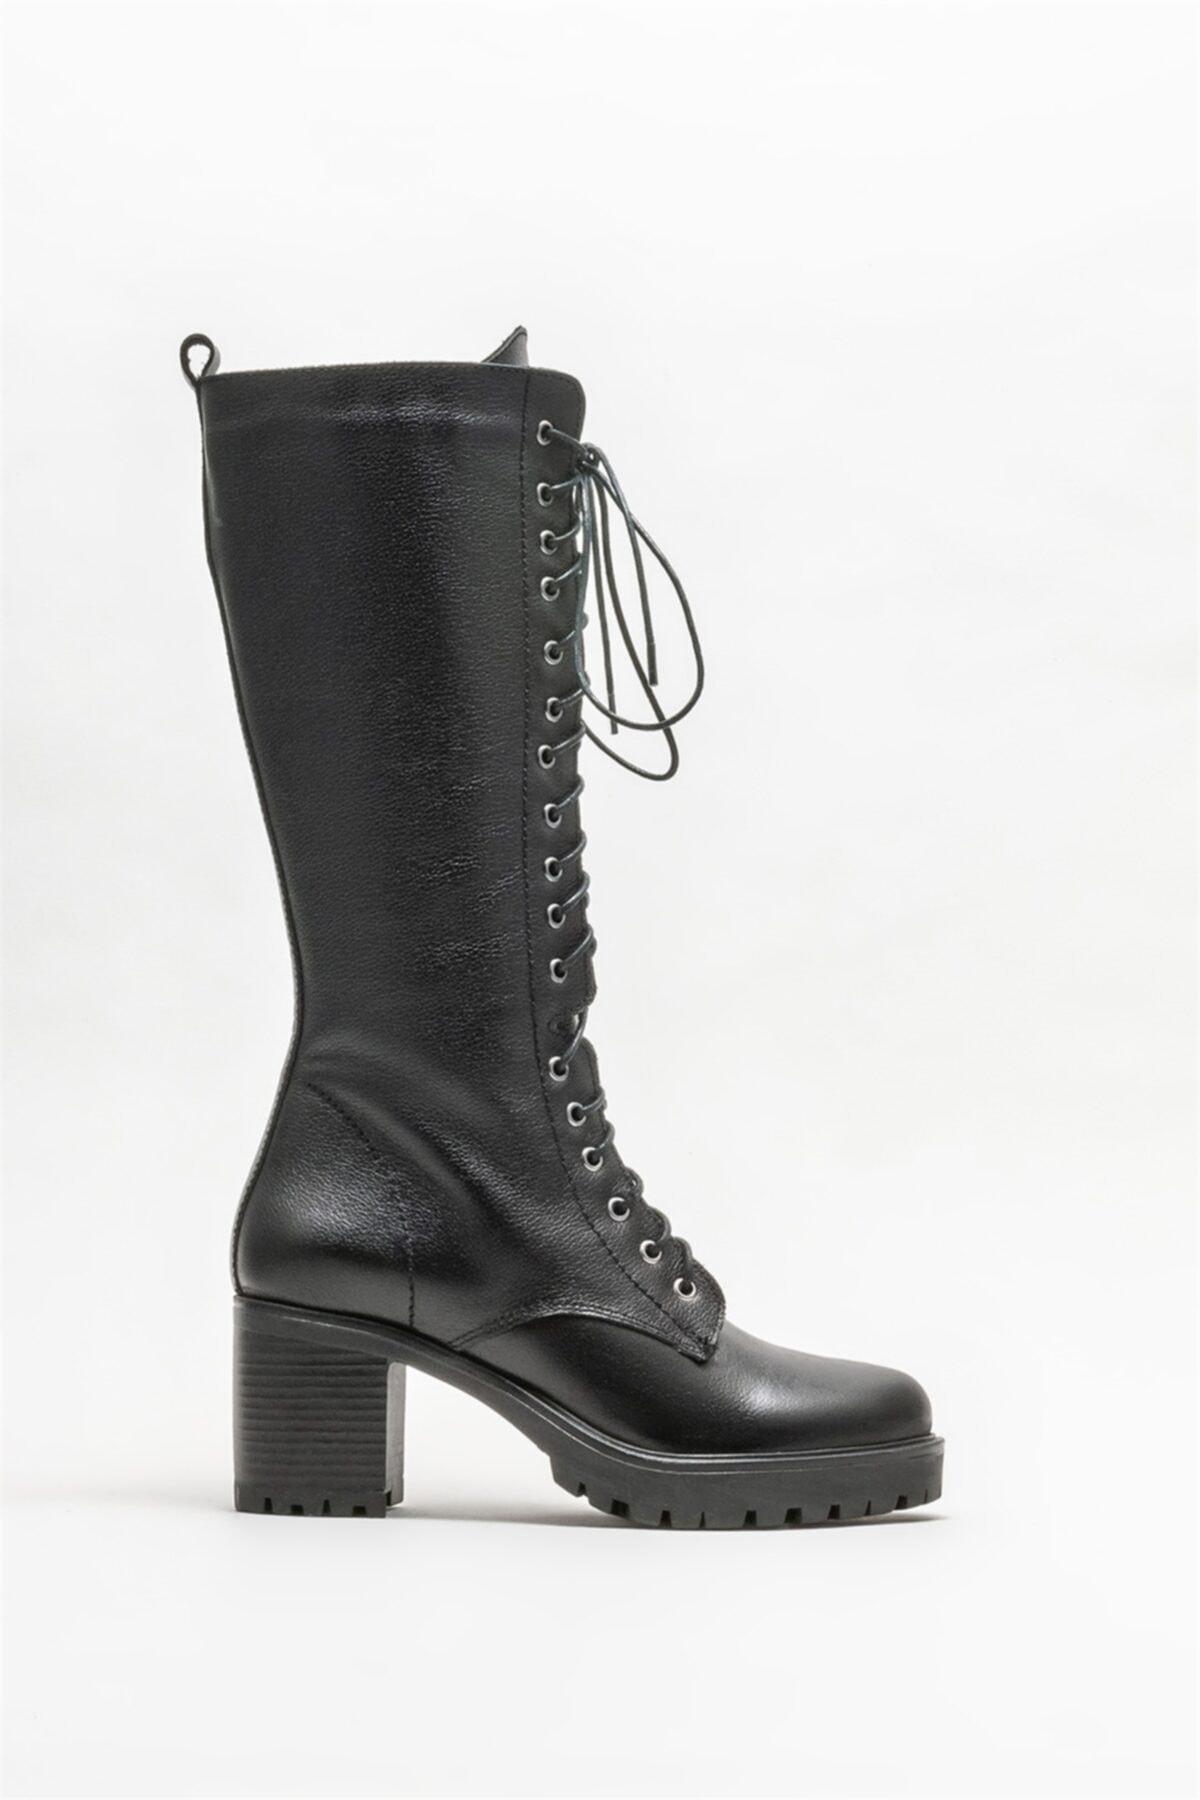 Elle Shoes Kadın Günlük Çizme 1